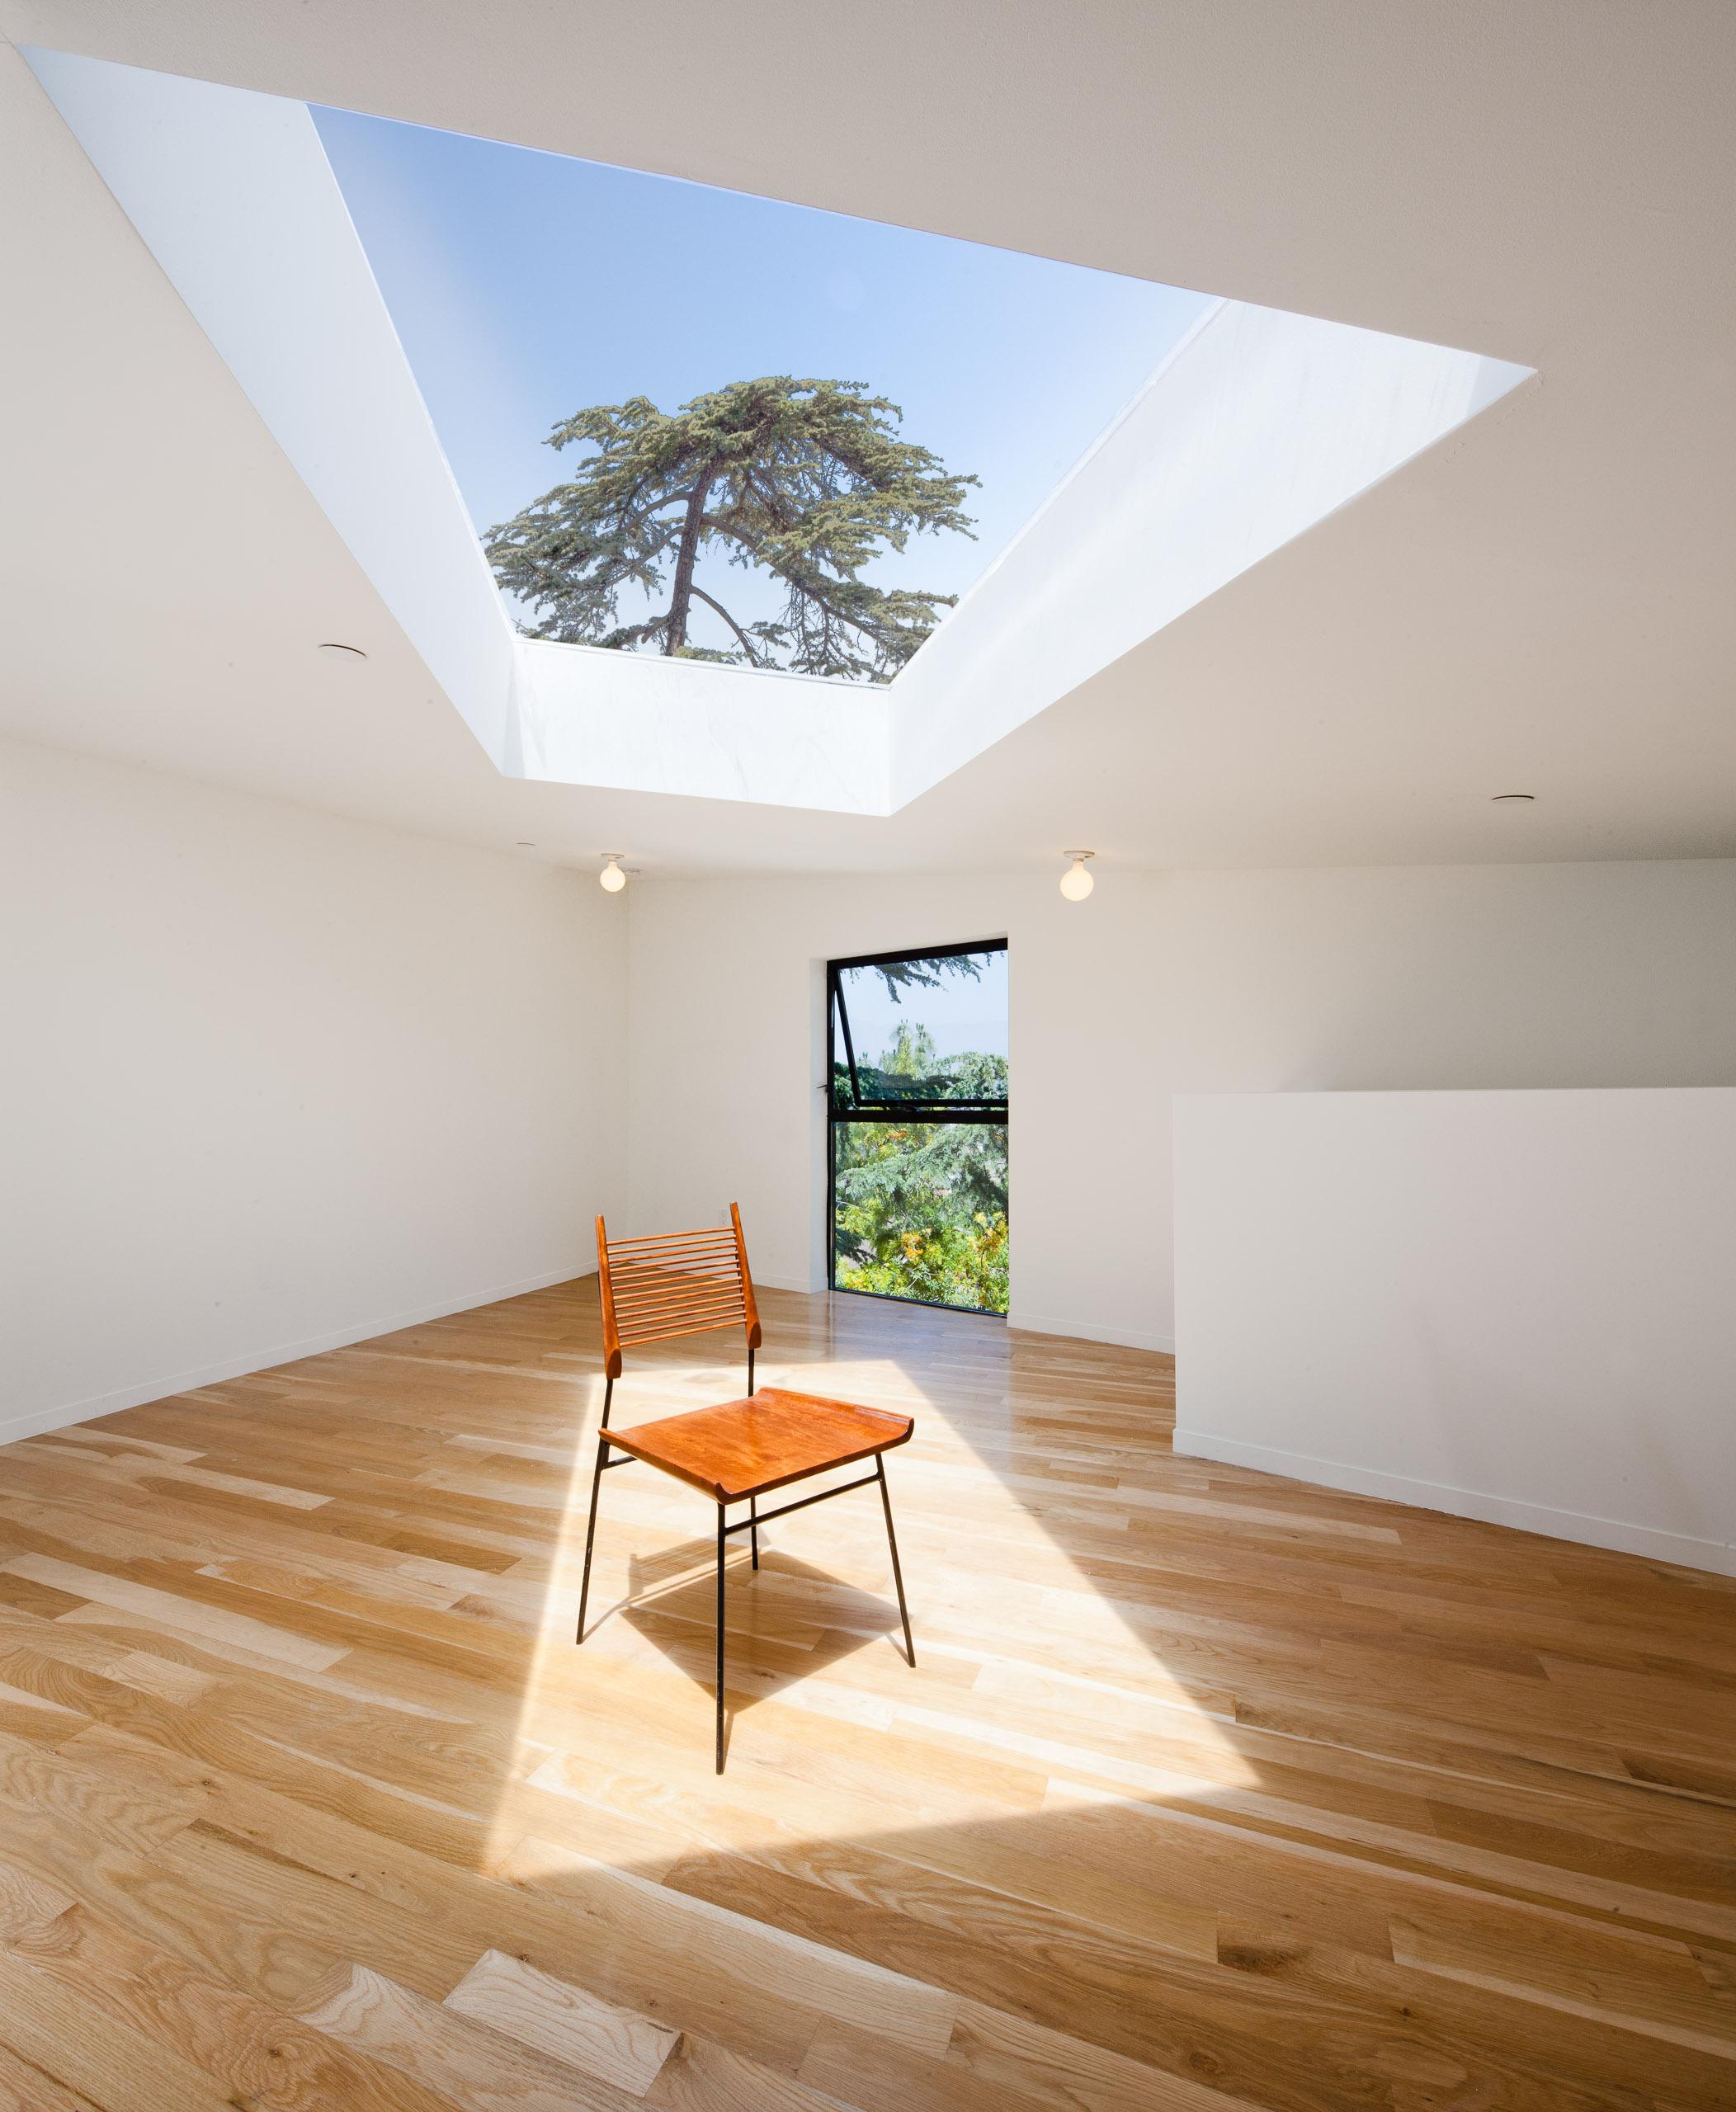 10Anonyomus Arch Tree House-4327pks.jpg